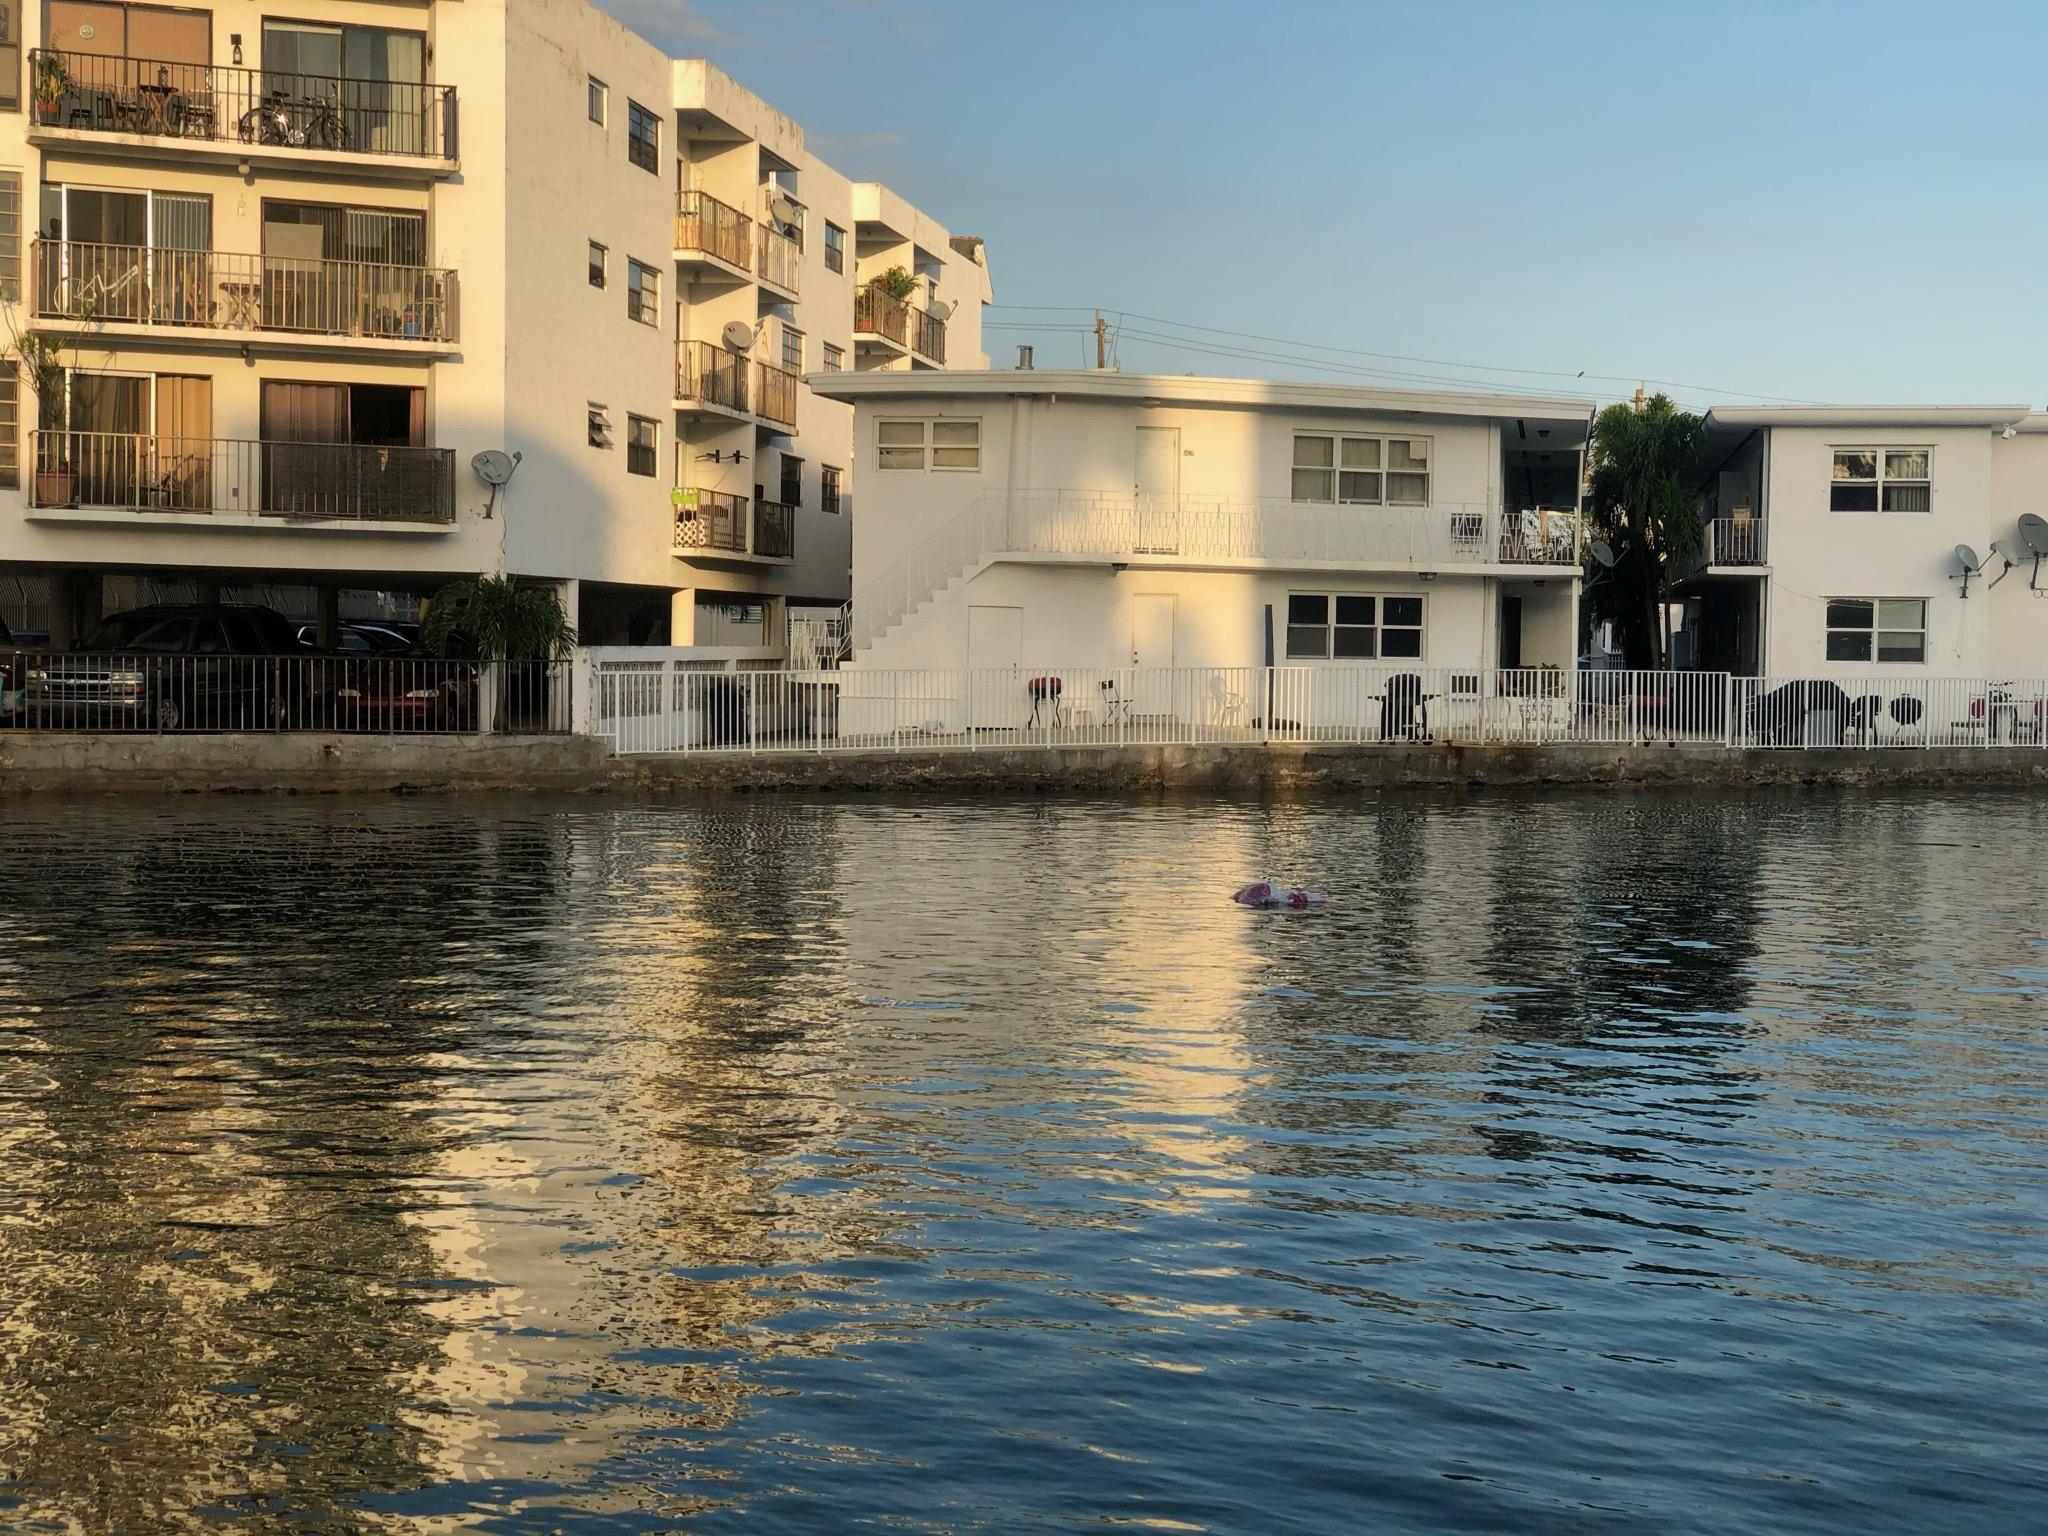 Algunas de las viviendas a lado del canal de alrededor de 70 metros cuadrados